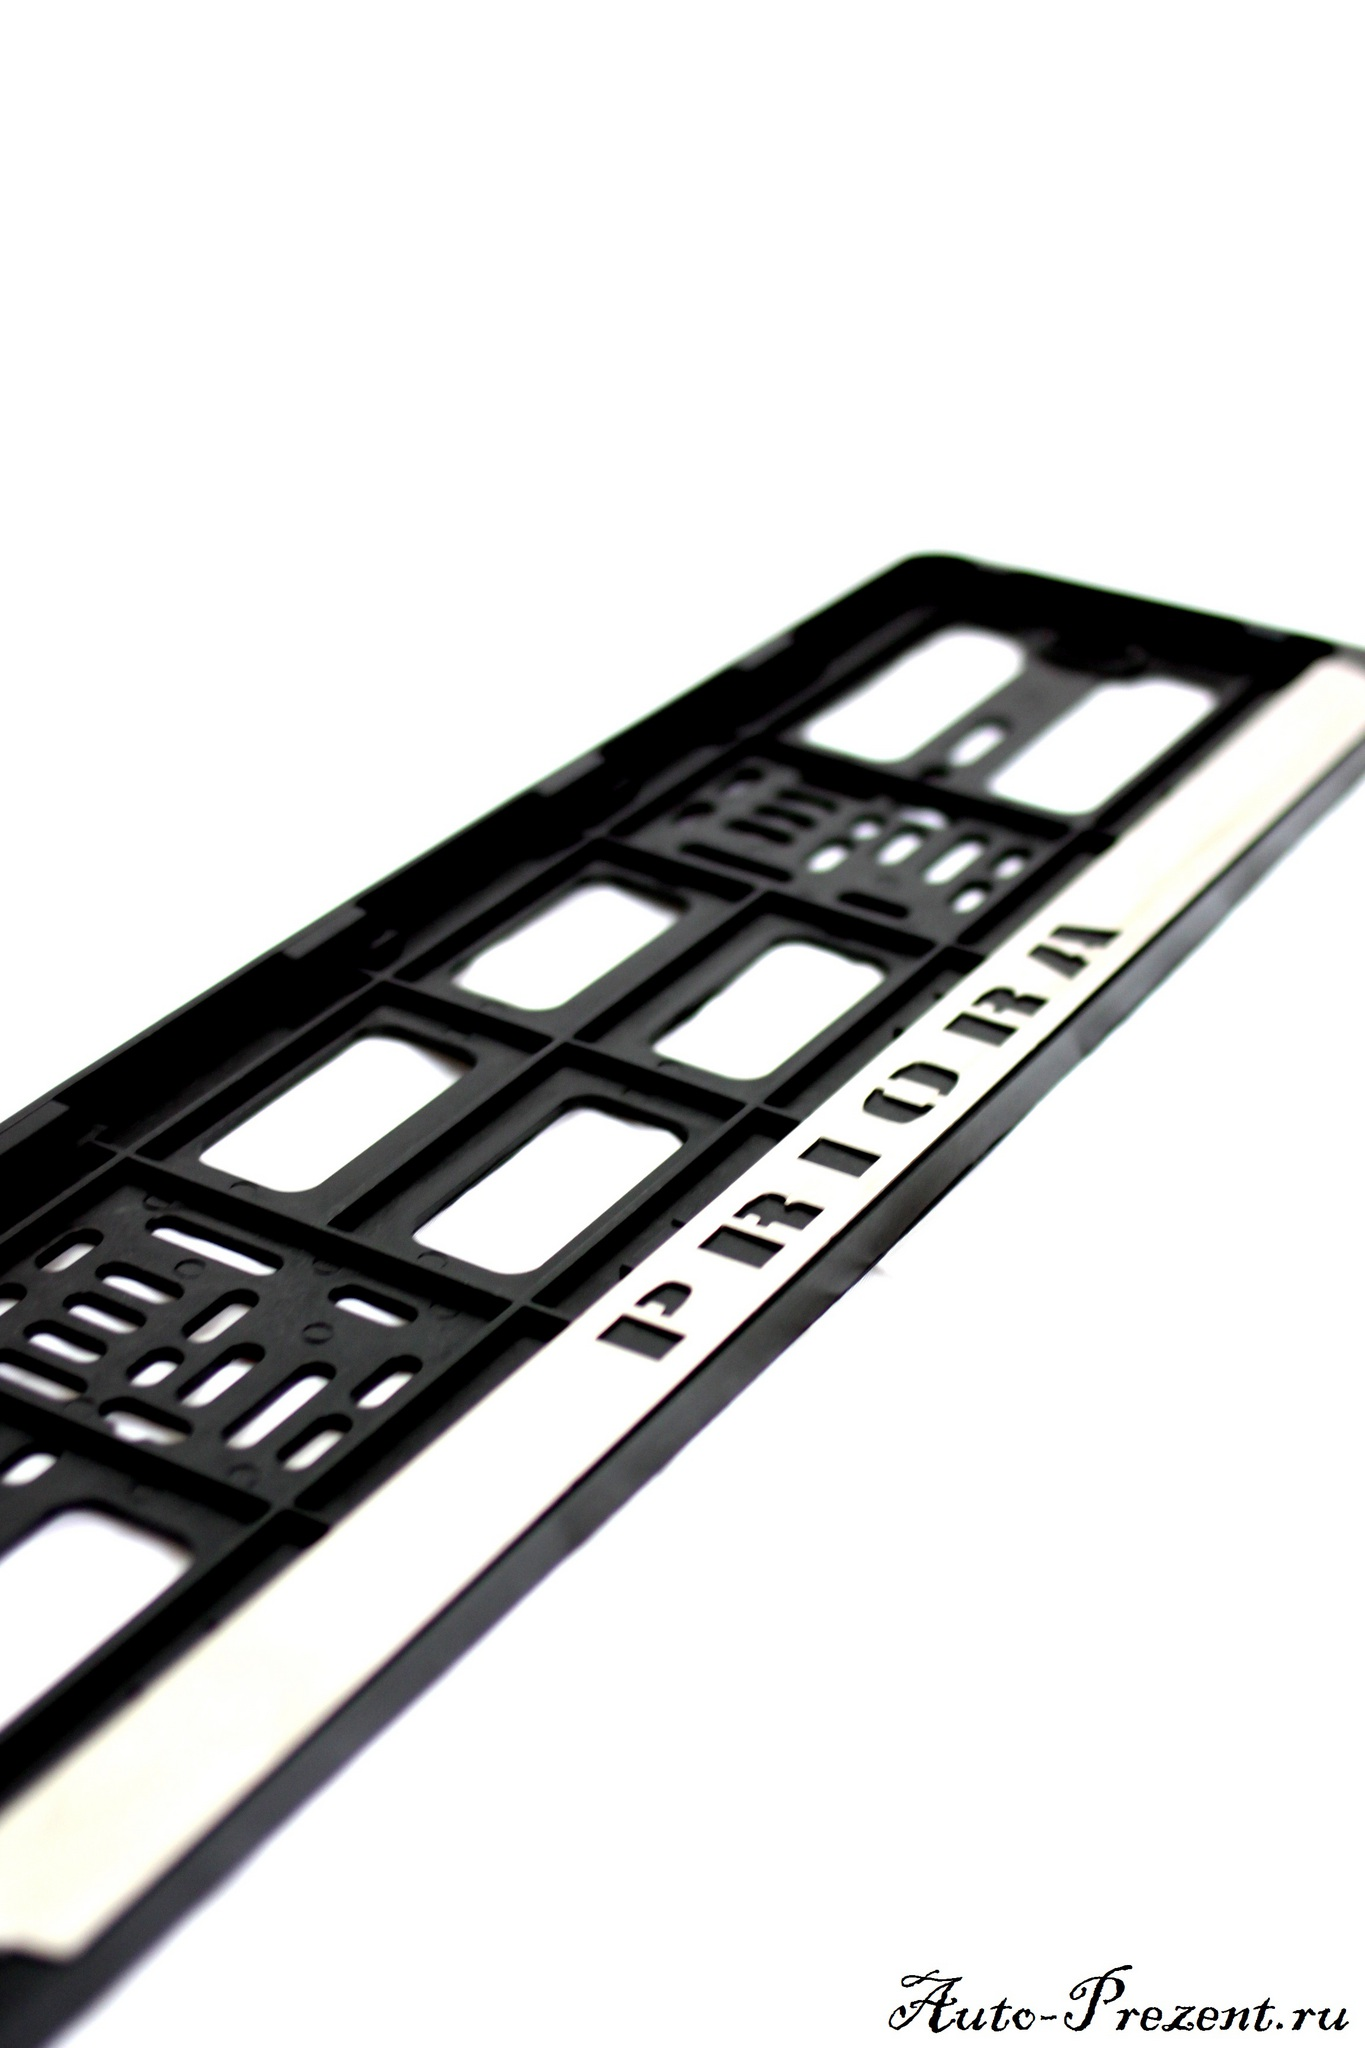 Рамки под номерной знак пластиковые с хромированной вставкой PRIORA (2 шт.)